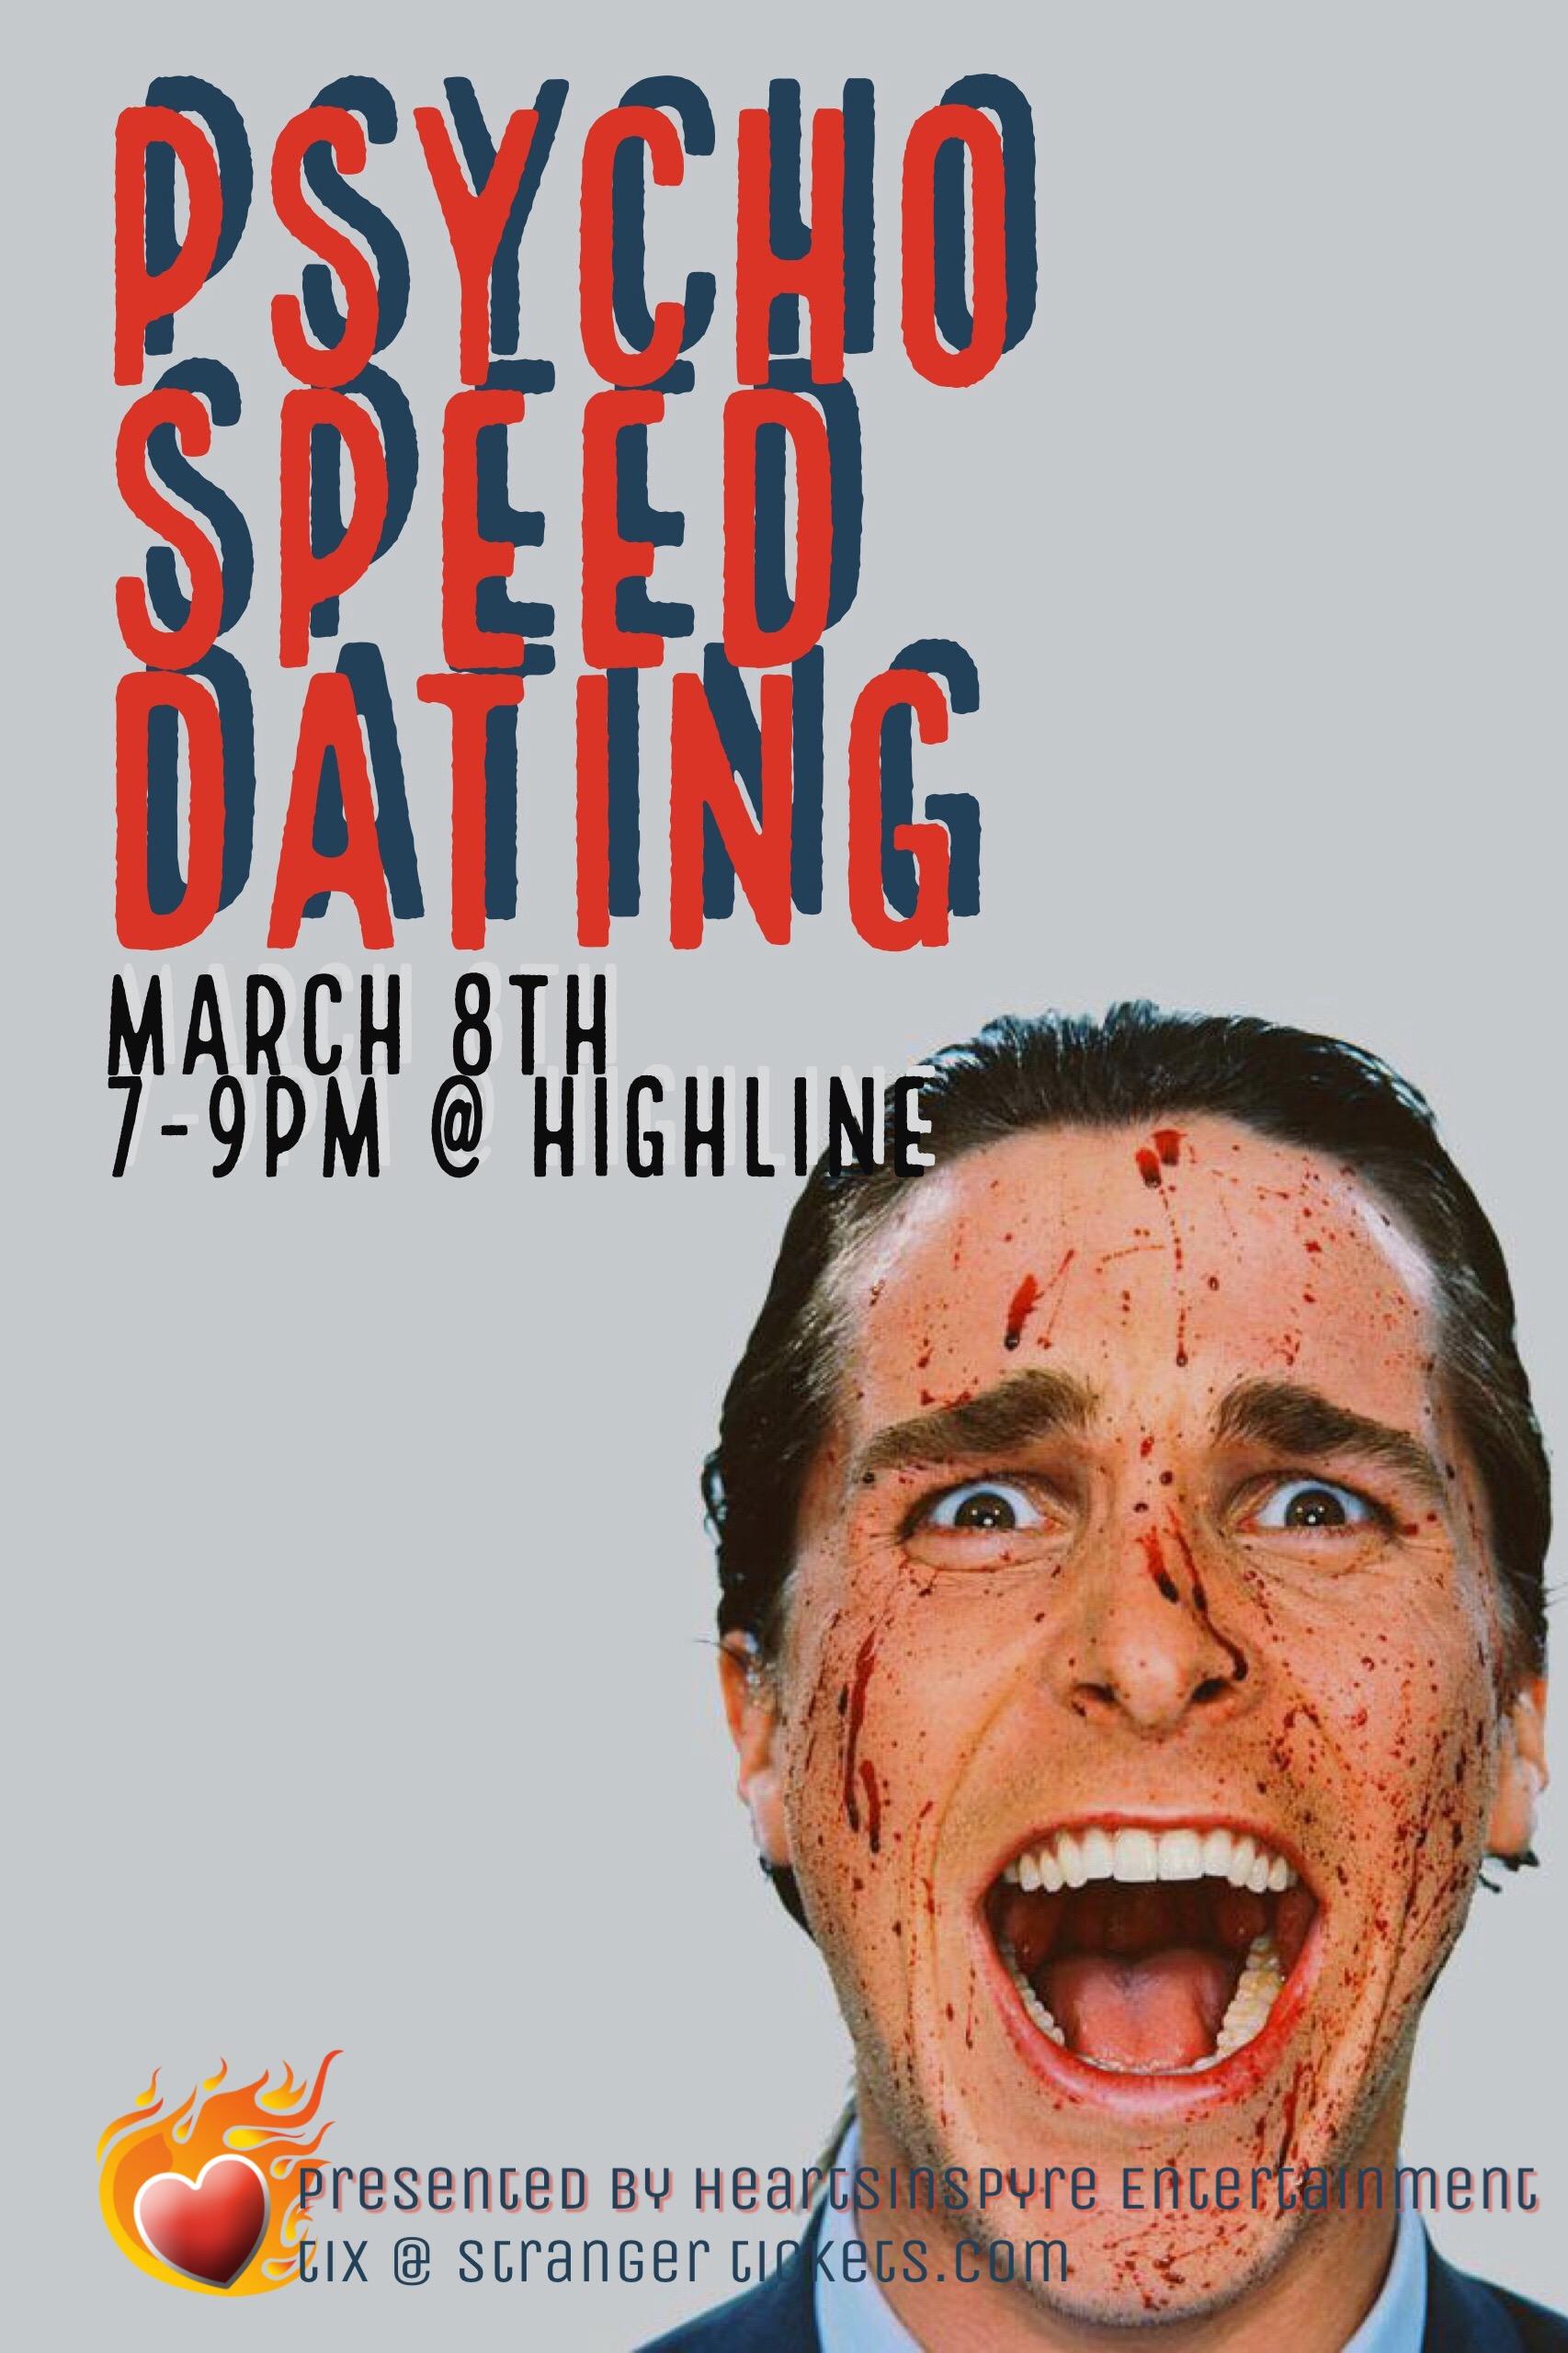 Psycho speed dating